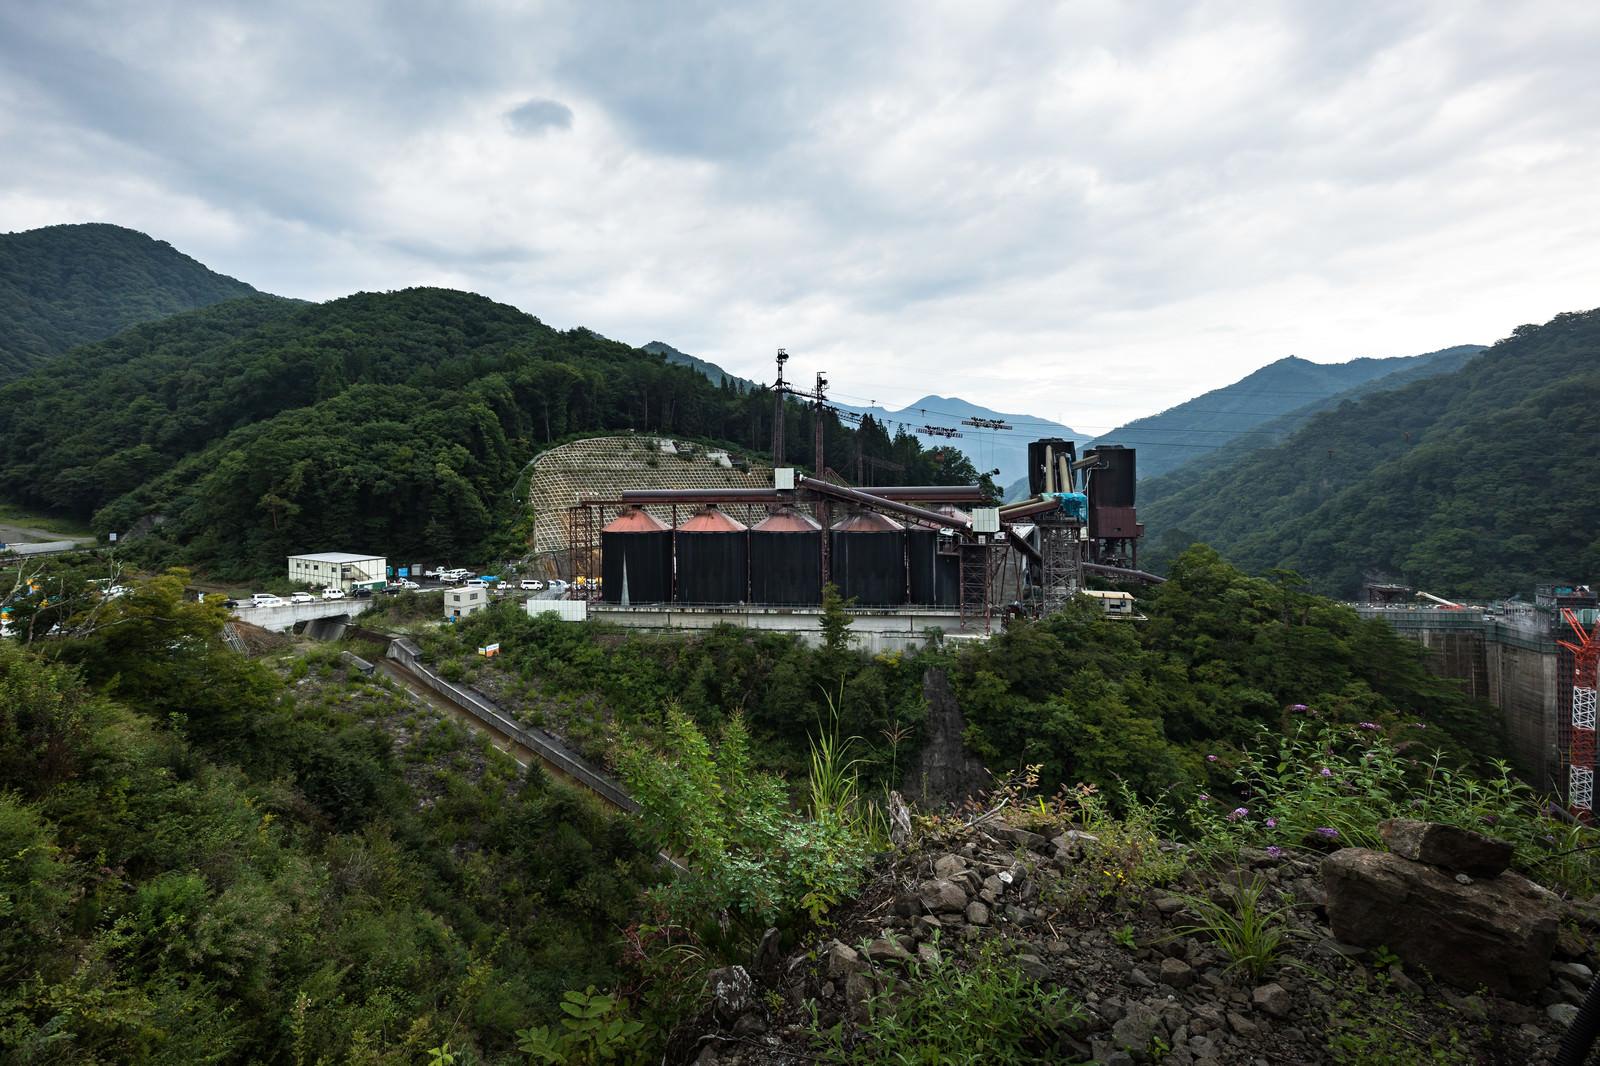 「八ッ場ダムのコンクリート製造施設」の写真